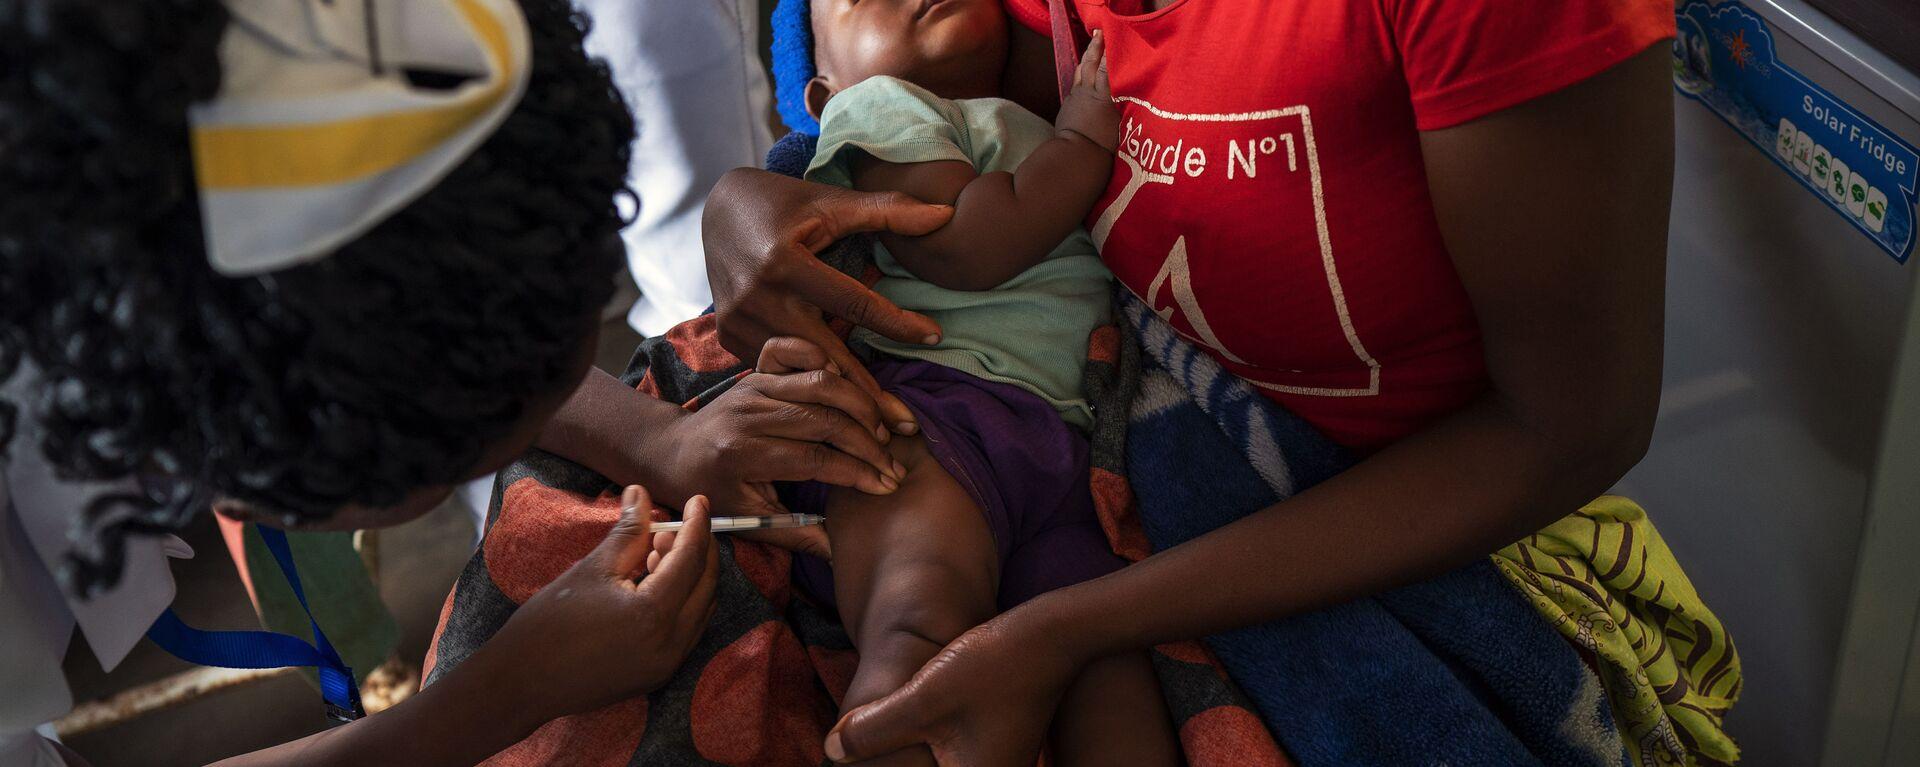 Un bebé es vacunado contra la malaria en Malaui - Sputnik Mundo, 1920, 25.04.2020